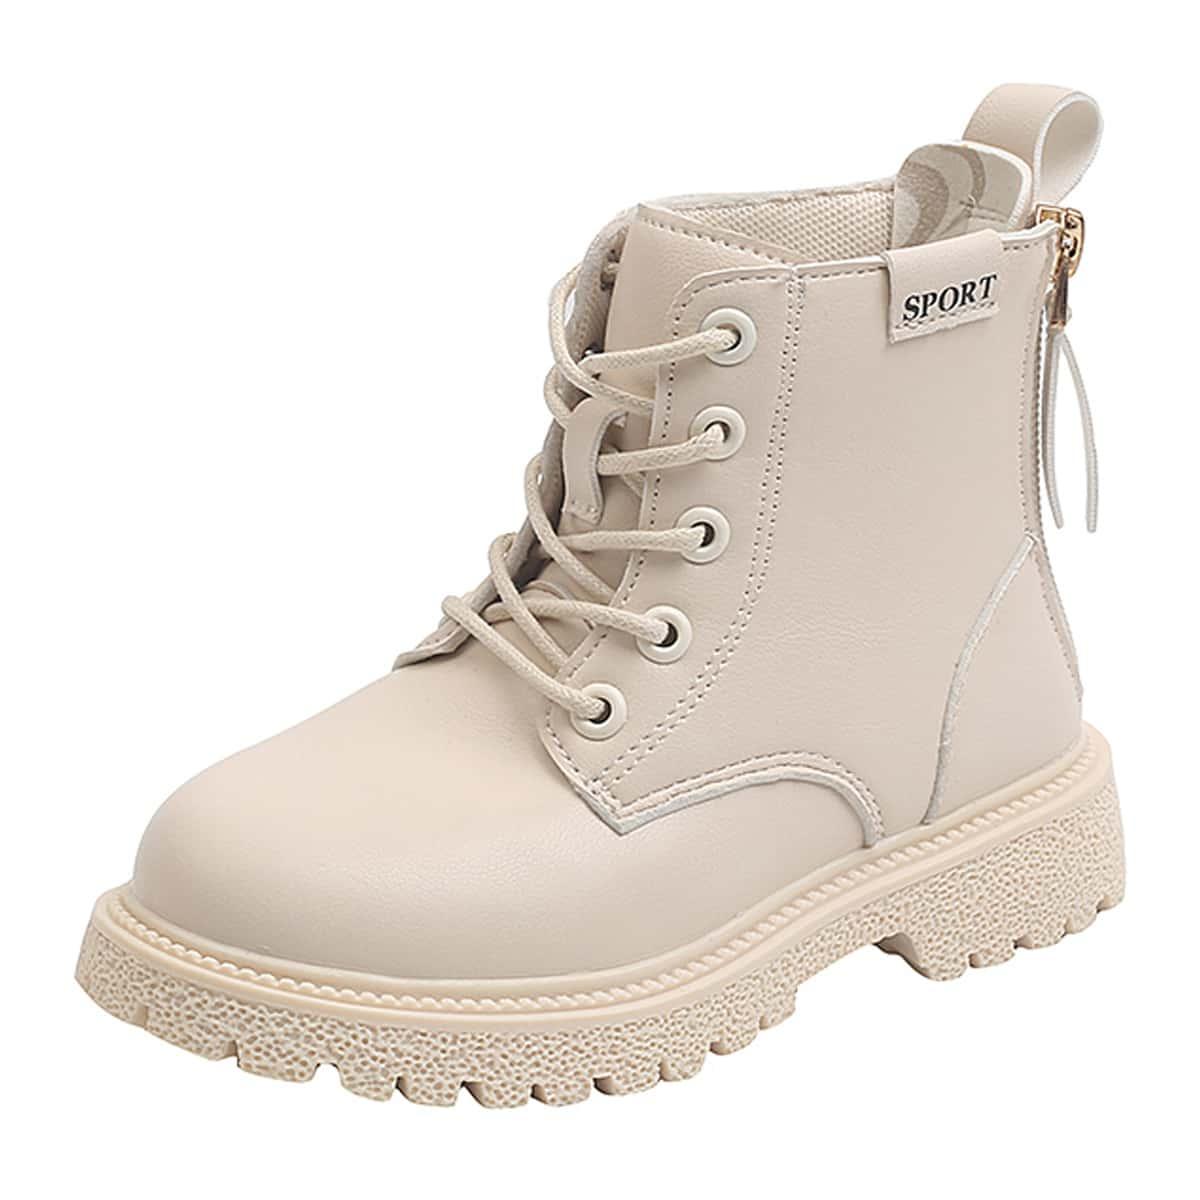 Ботинки комбат с текстовым принтом для девочек SheIn sk2108070318380038